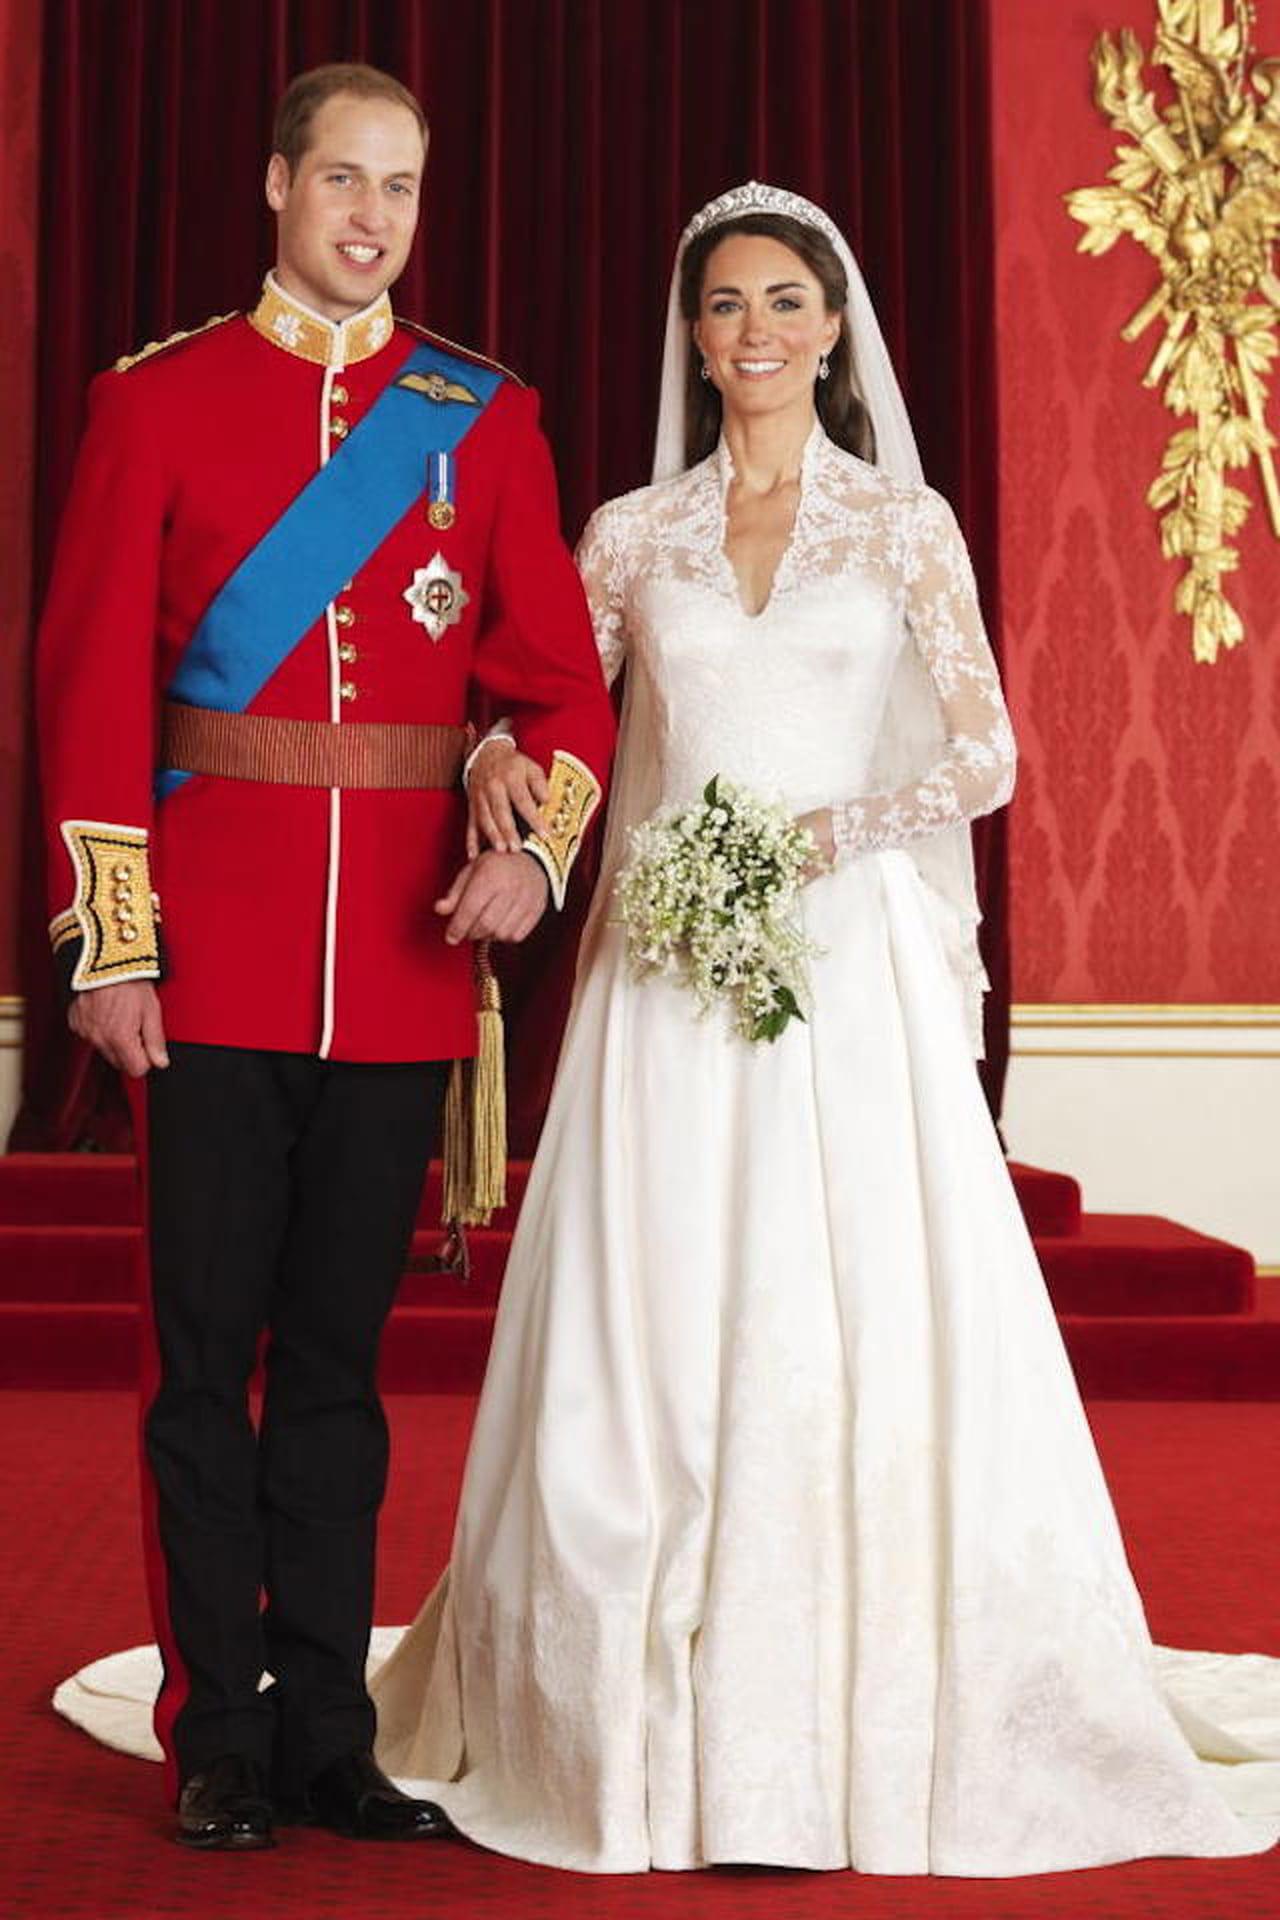 Anniversario Matrimonio Kate E William.William E Kate Buon Anniversario Magazine Delle Donne